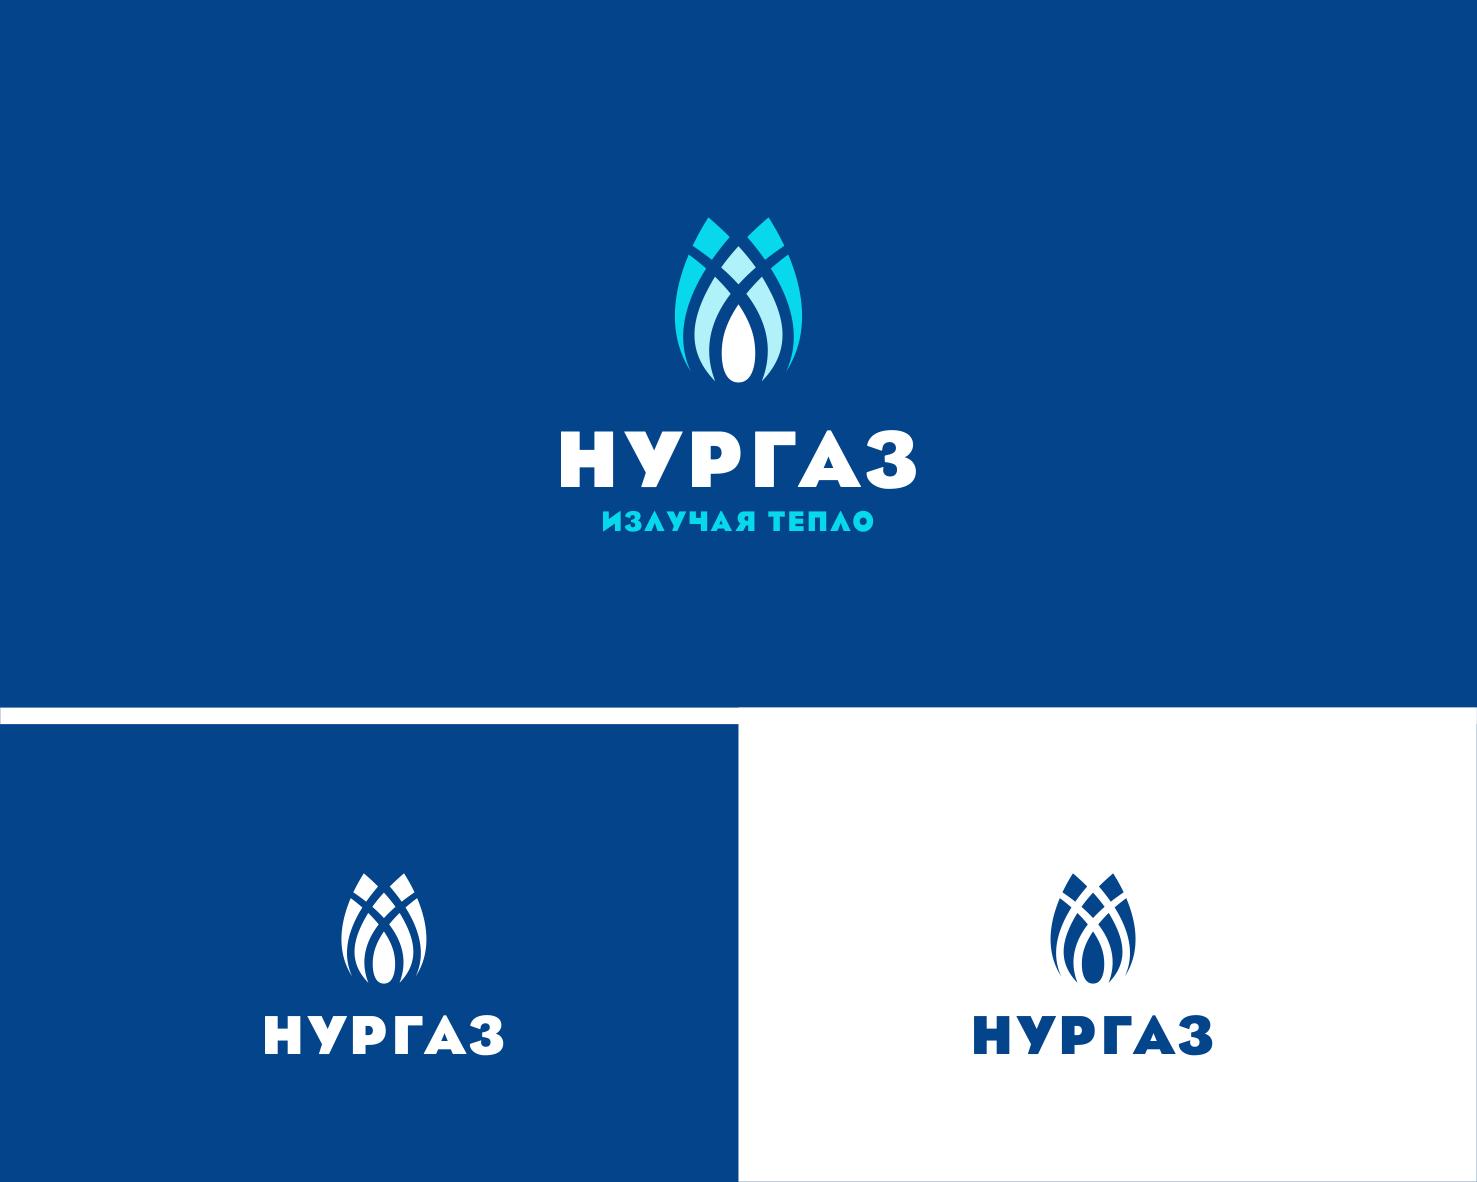 Разработка логотипа и фирменного стиля фото f_6655d9adea8e17d3.png